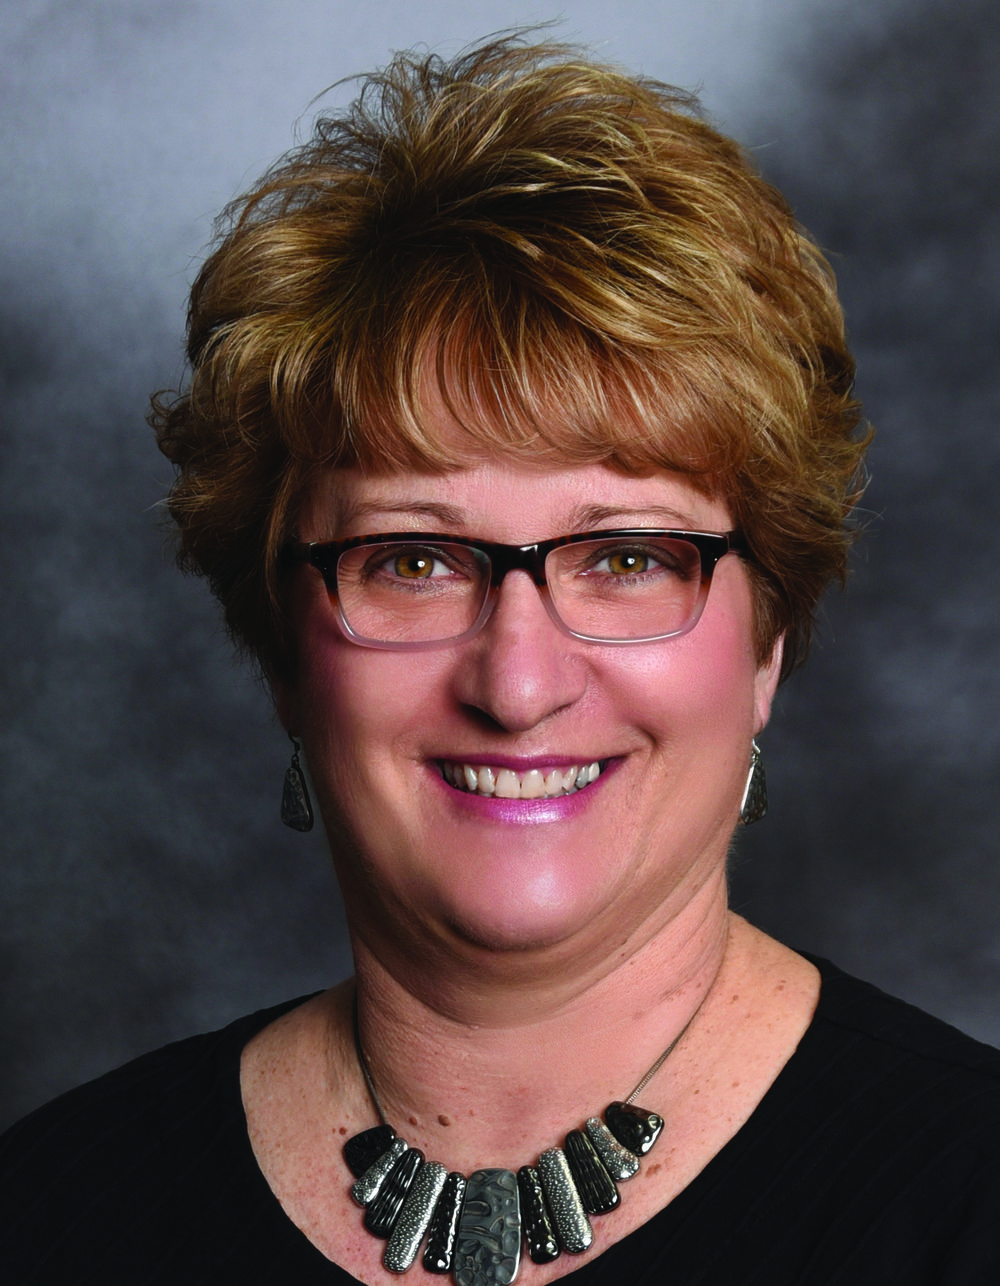 Lisa Calahan